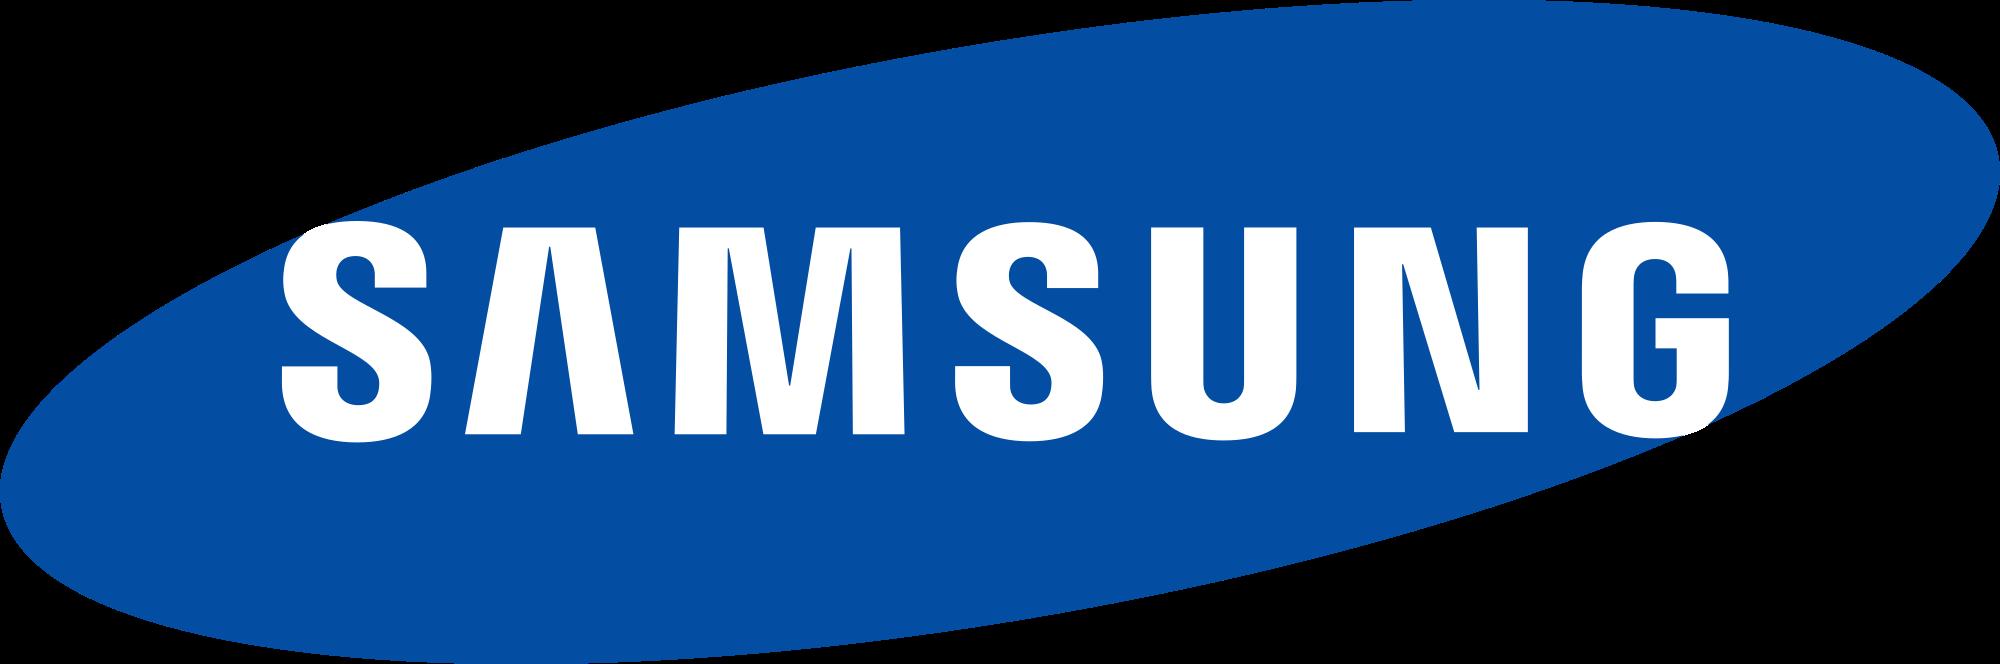 Samsung Galaxy J3, J5 i J7 otrzymaj± aktualizacje do Oreo dopiero we wrze¶niu